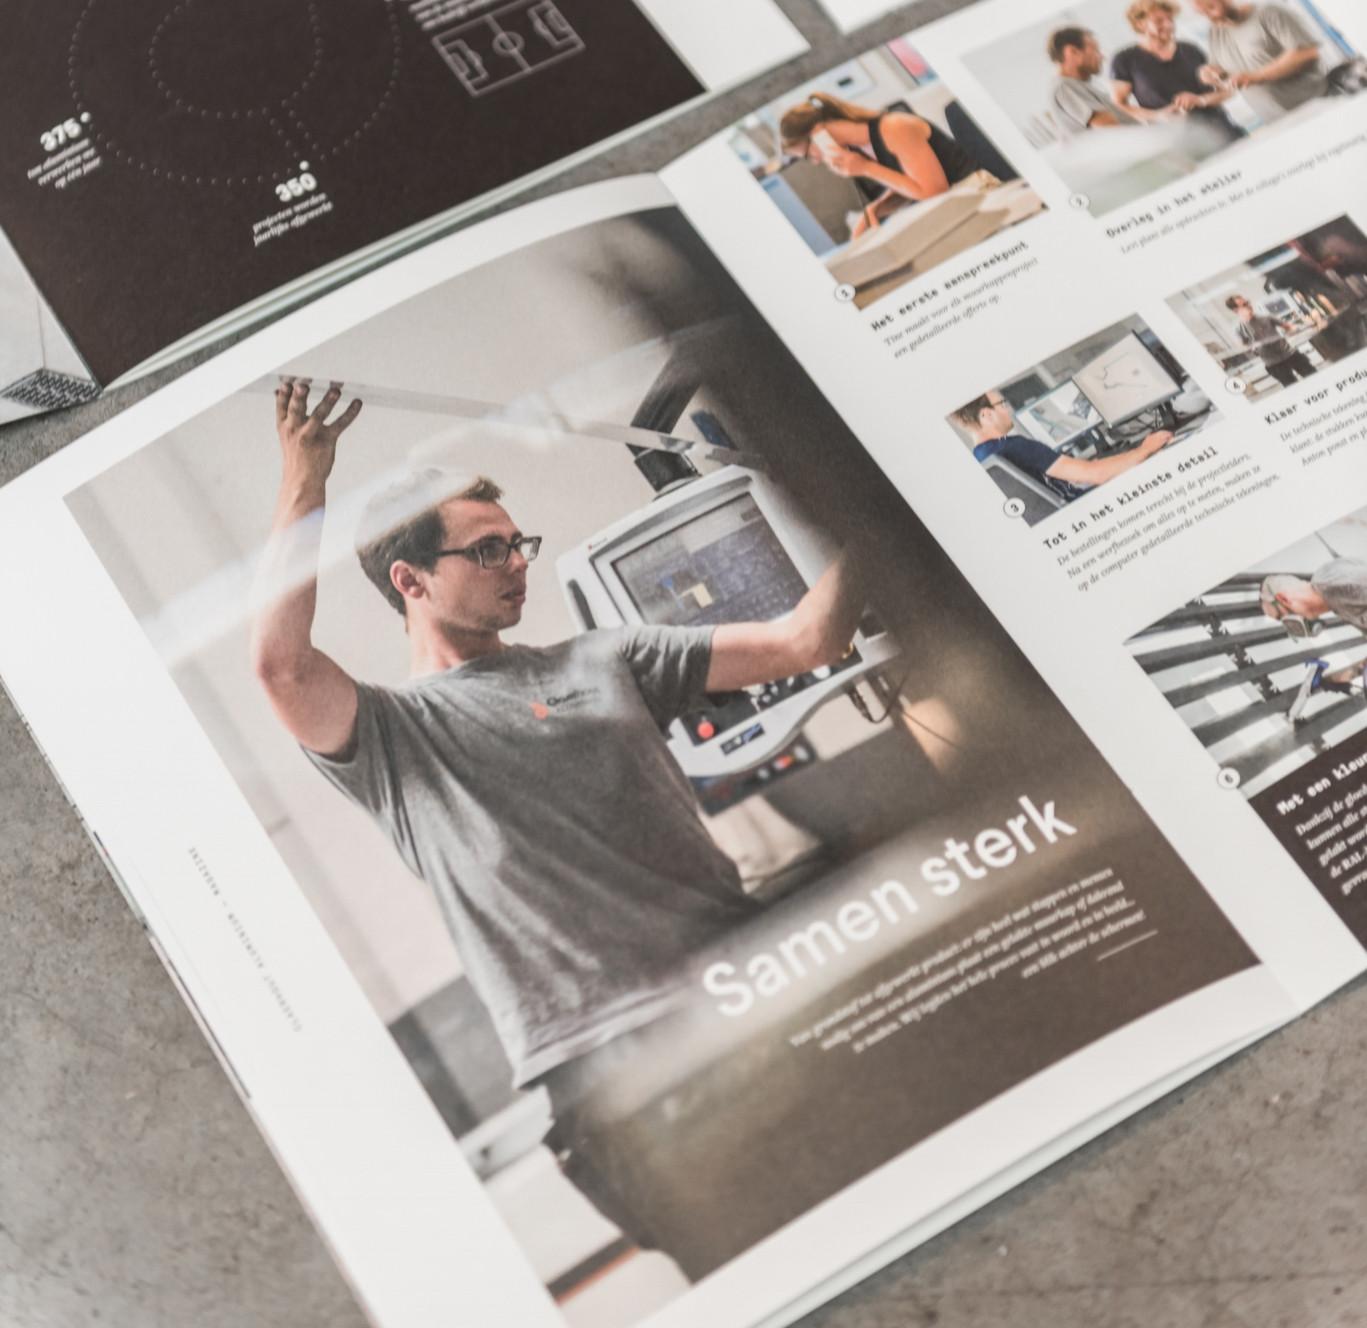 Voor Claerhout Aluminium maakten we een bedrijfsblad op maat: van copywriting tot de begeleiding van de fotografie en het grafisch ontwerp.